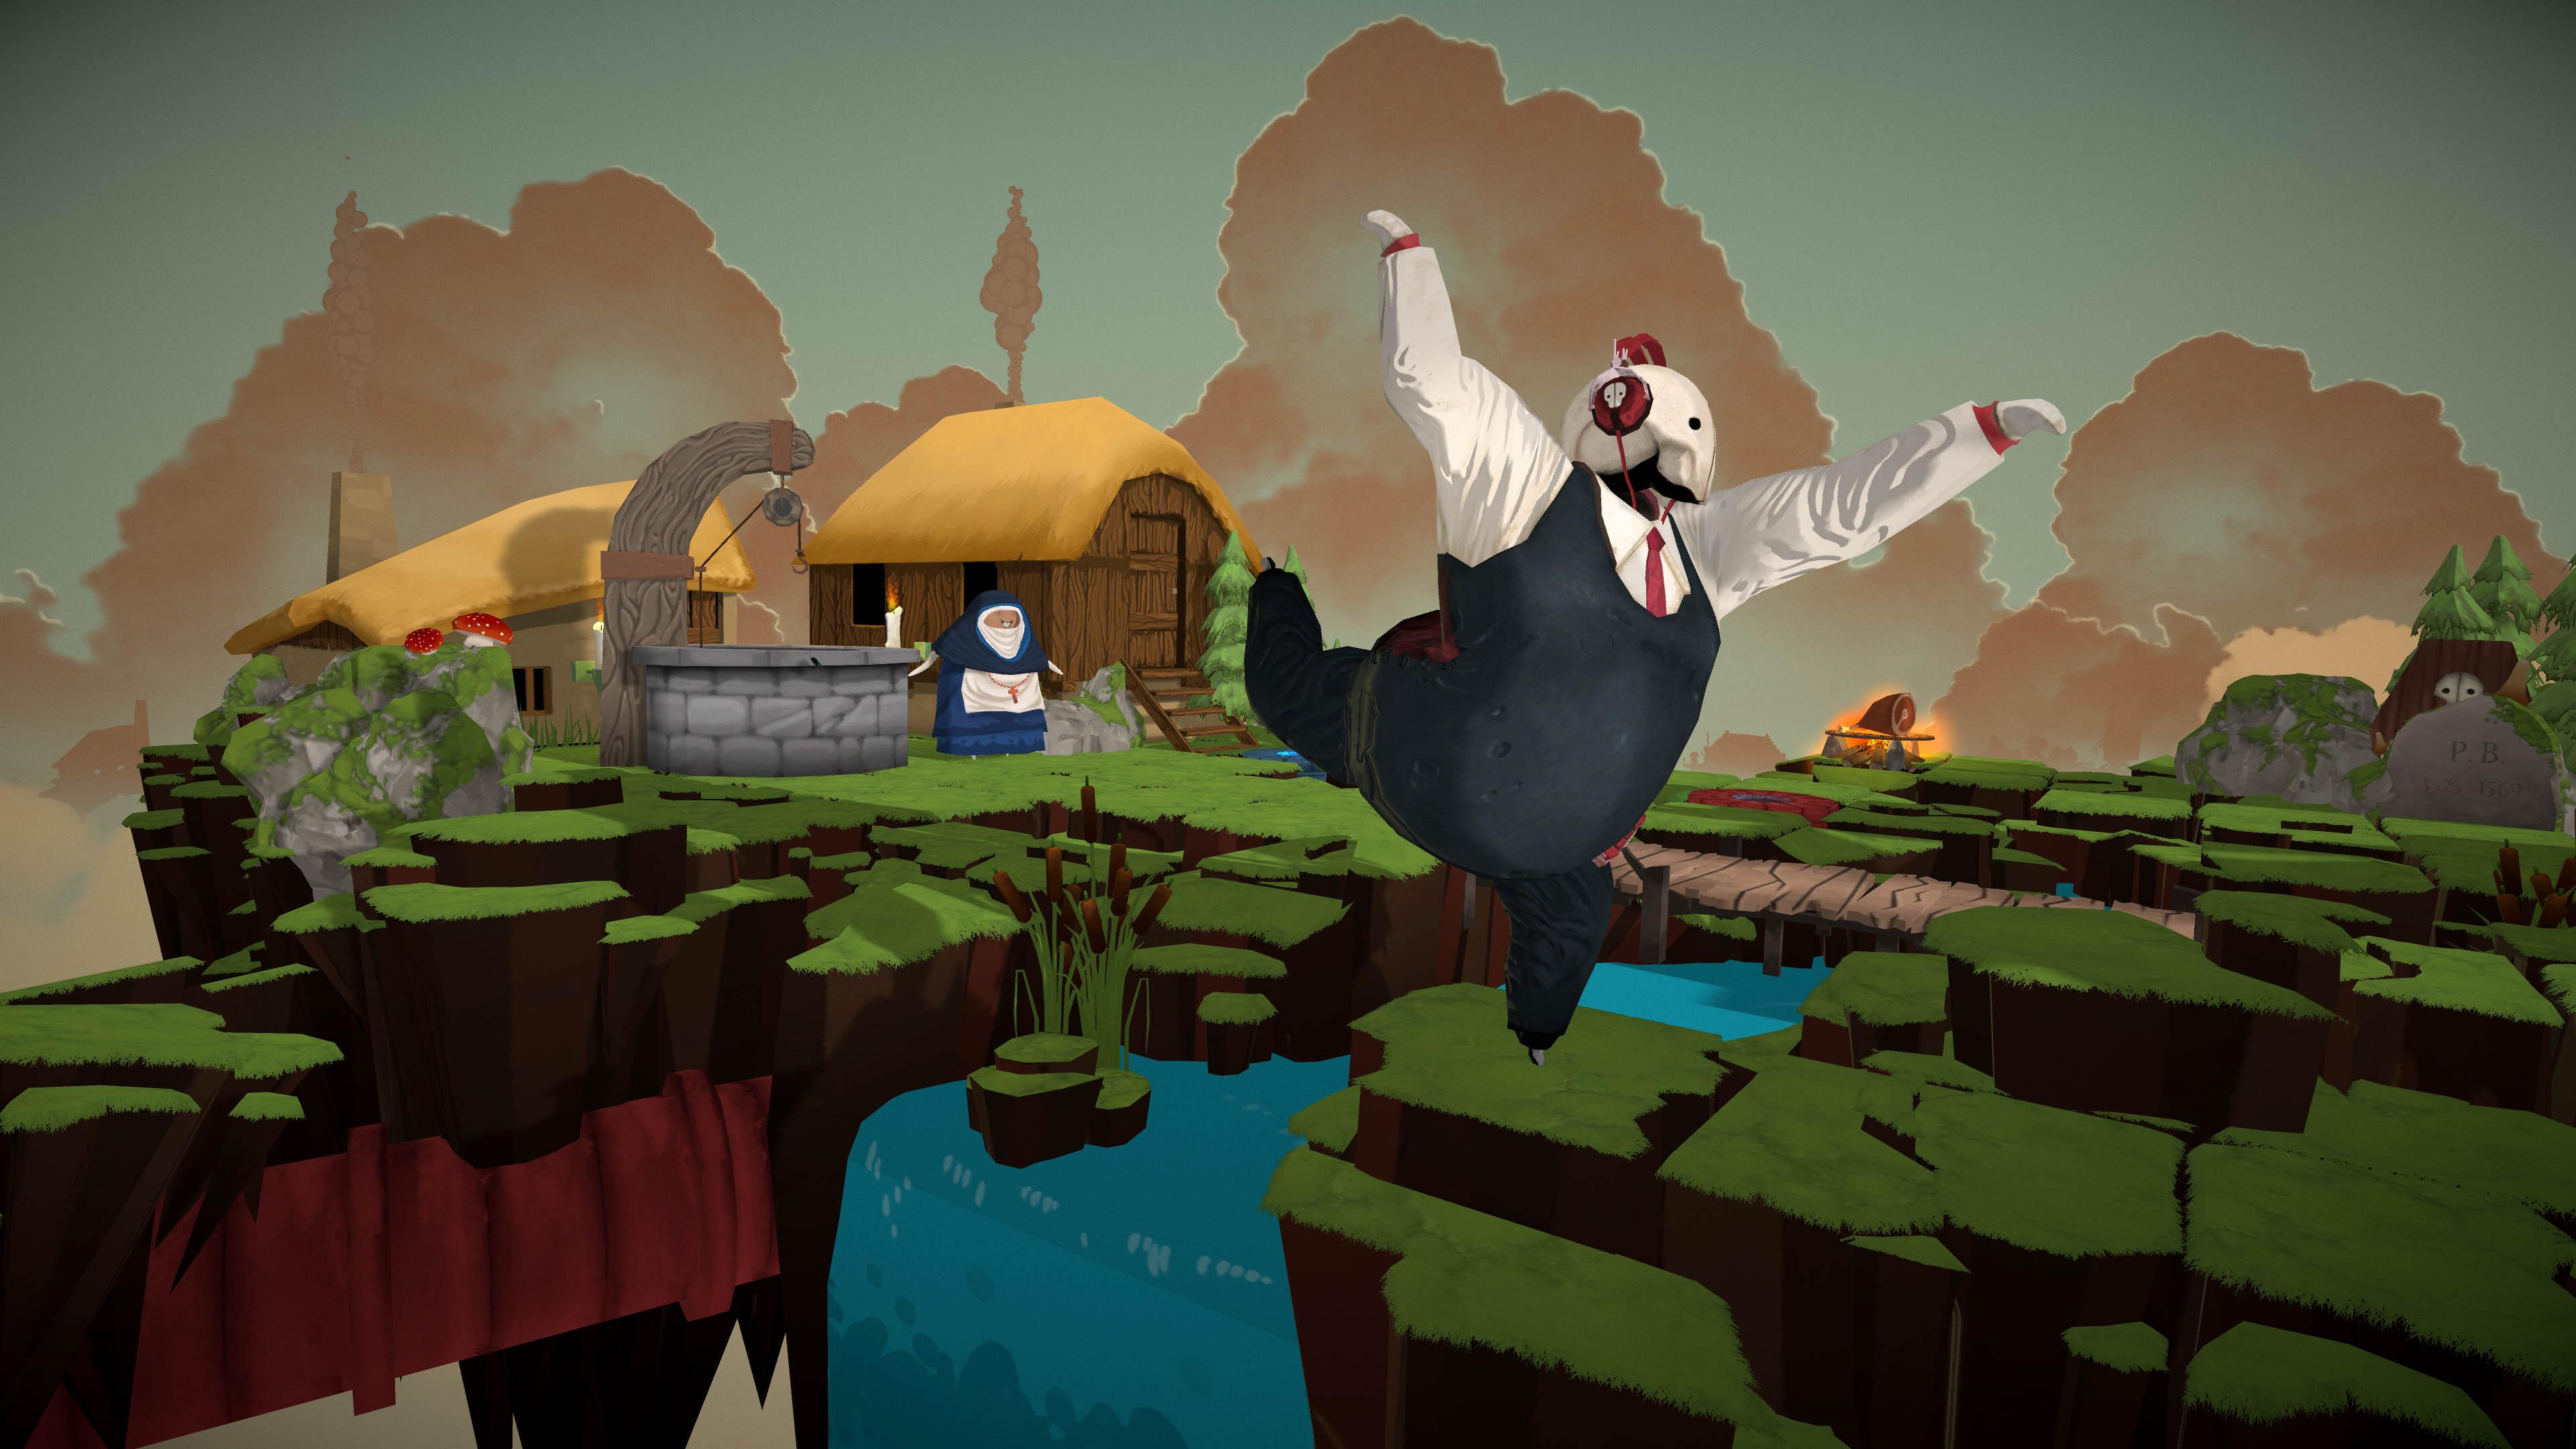 Aventura de quebra-cabeças e danças Felix The Reaper está disponível